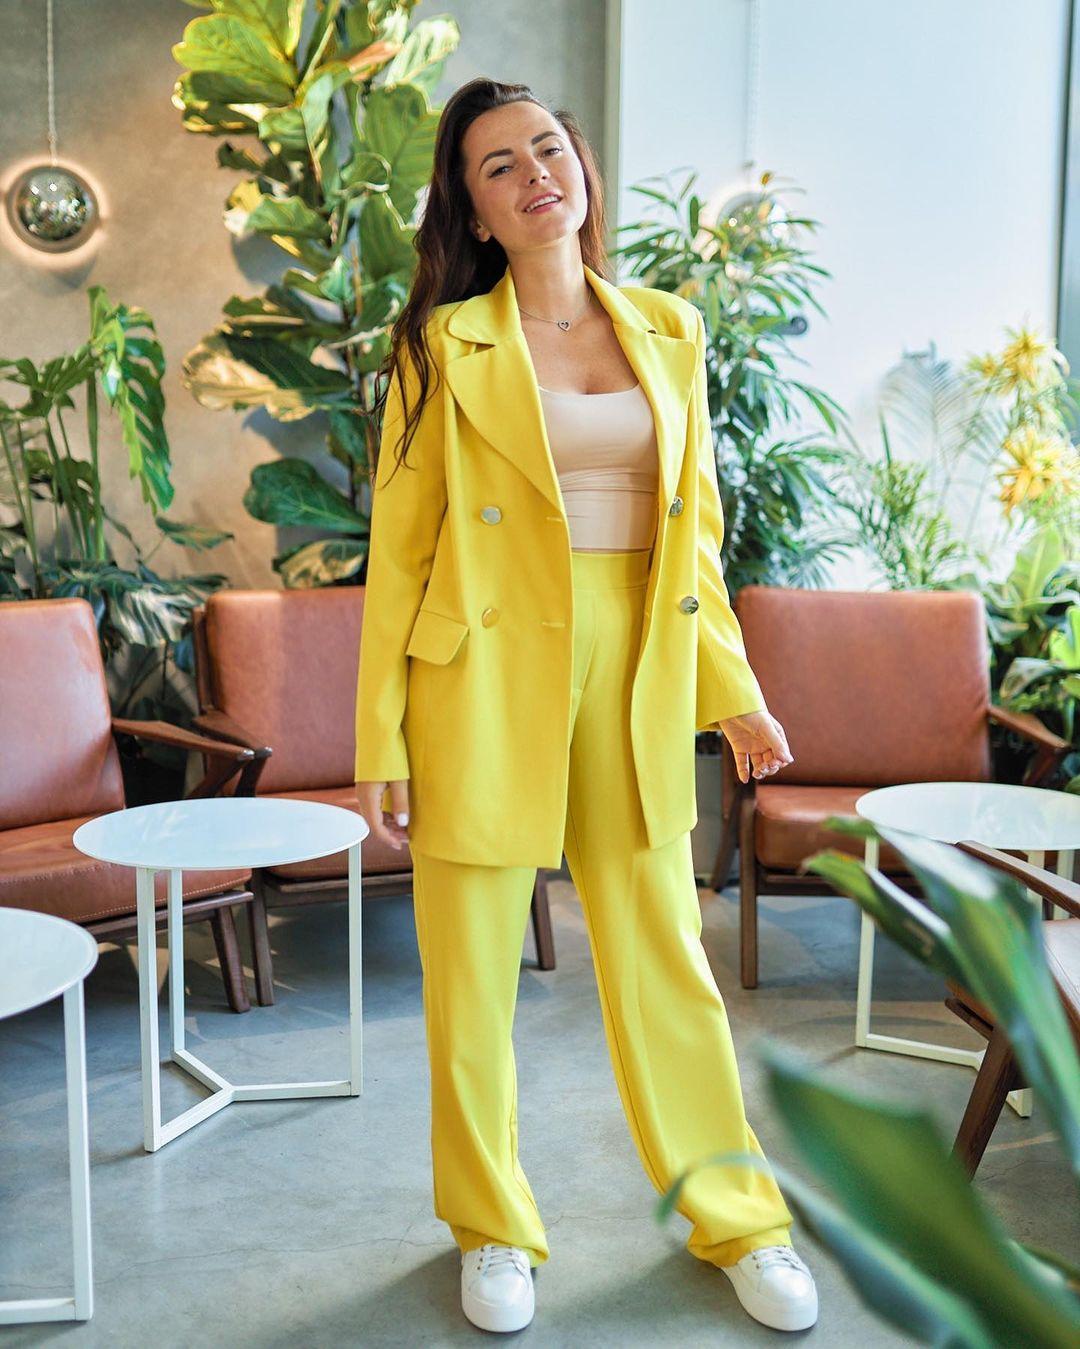 модный женский брючный костюм украинский бренд осень 2021 желтый